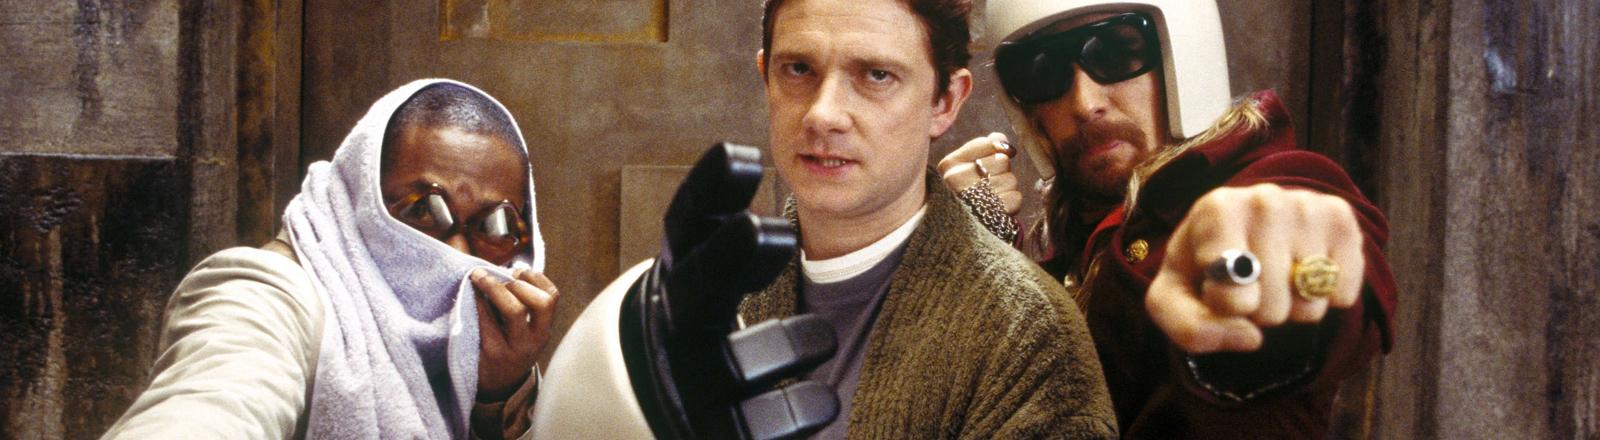 """Mos Def als Ford Prefect, Martin Freeman als Arthur Dent and Sam Rockwell als Zaphod Beeblebrox in der Verfilmung der Science-Fiction-Trilogie """"Per Anhalter durch die Galaxis""""."""